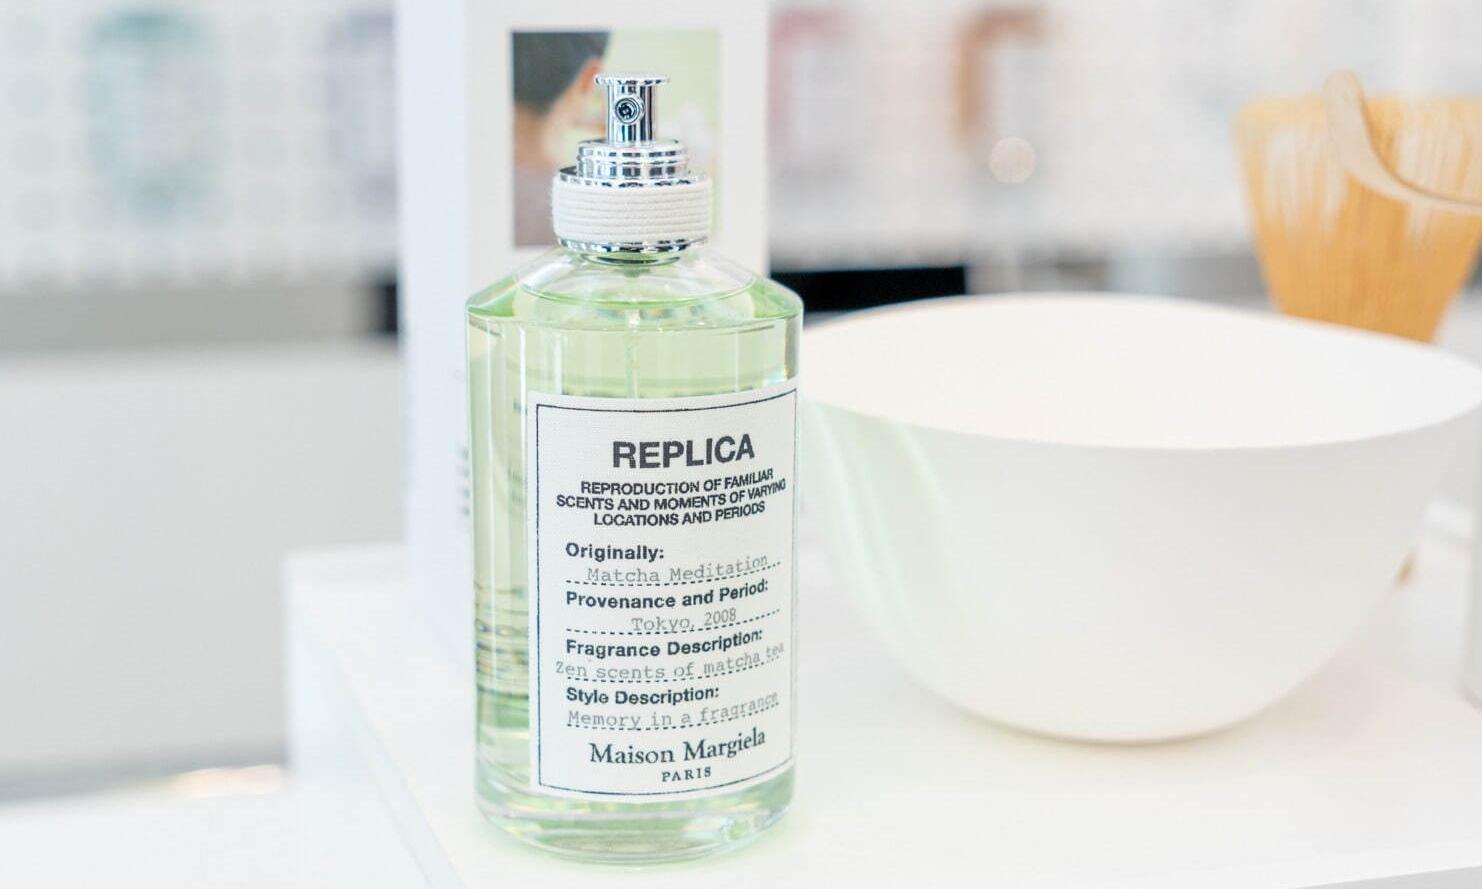 Maison Margiela Replica 推出抹茶香氛